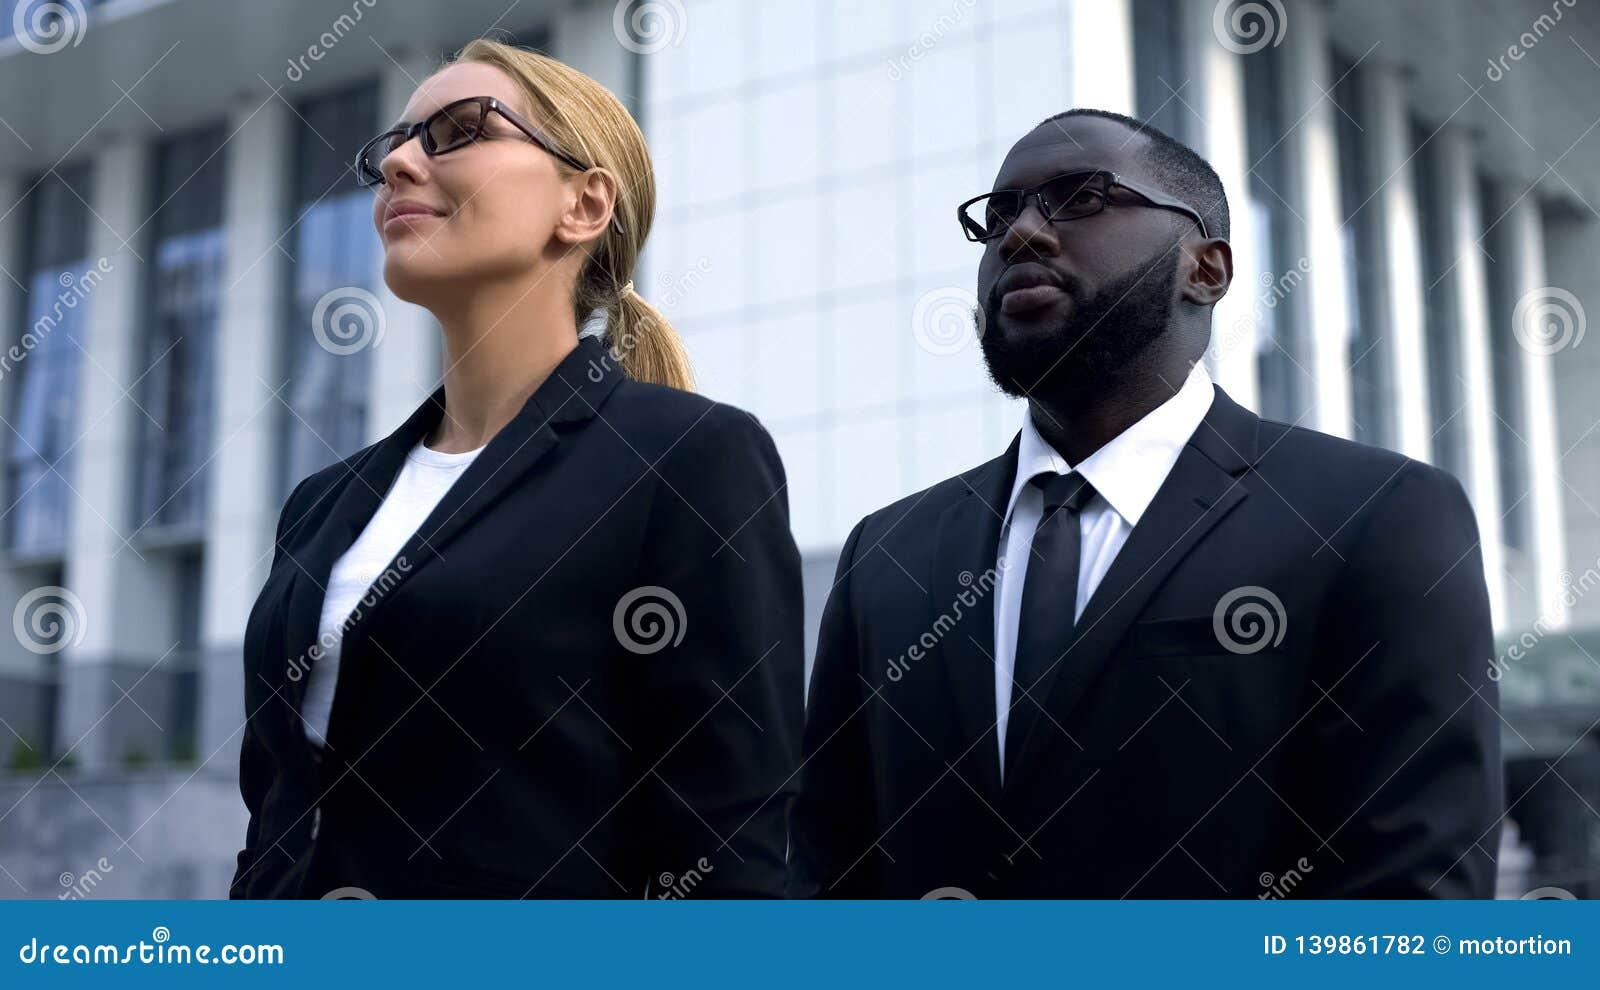 展望前途,竞选公司,女性候选人的政客